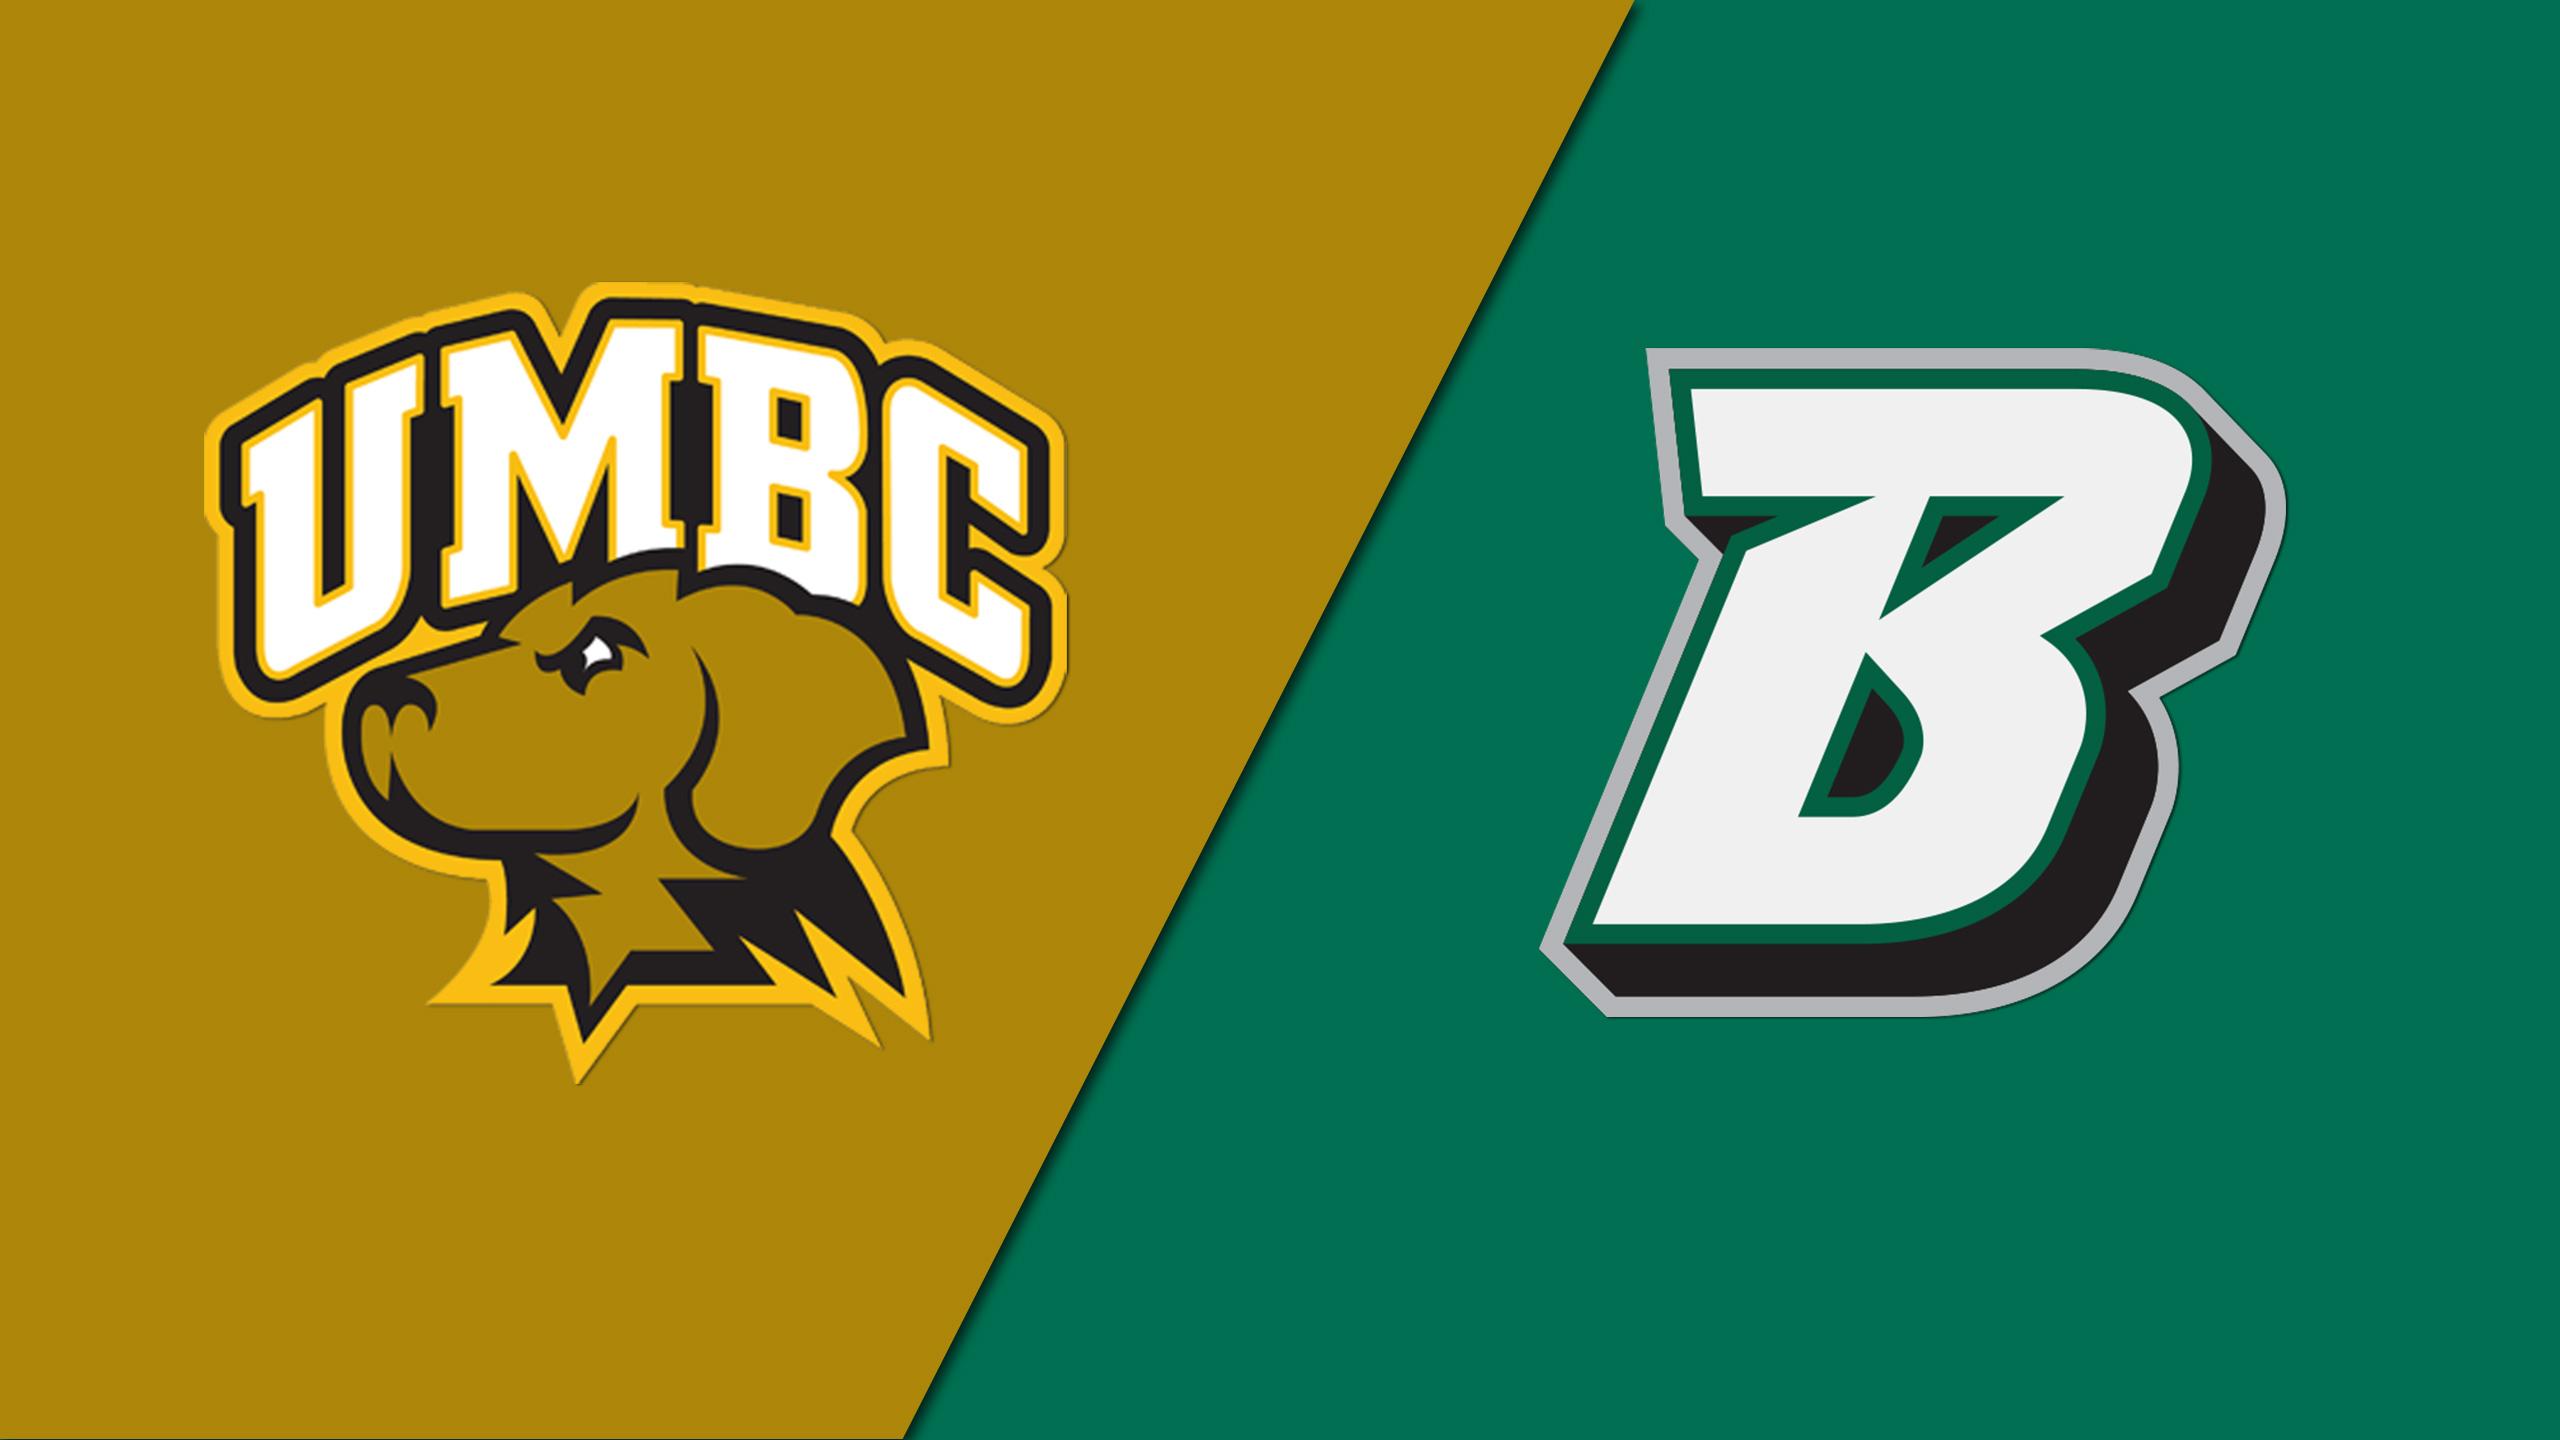 UMBC vs. Binghamton (W Basketball)